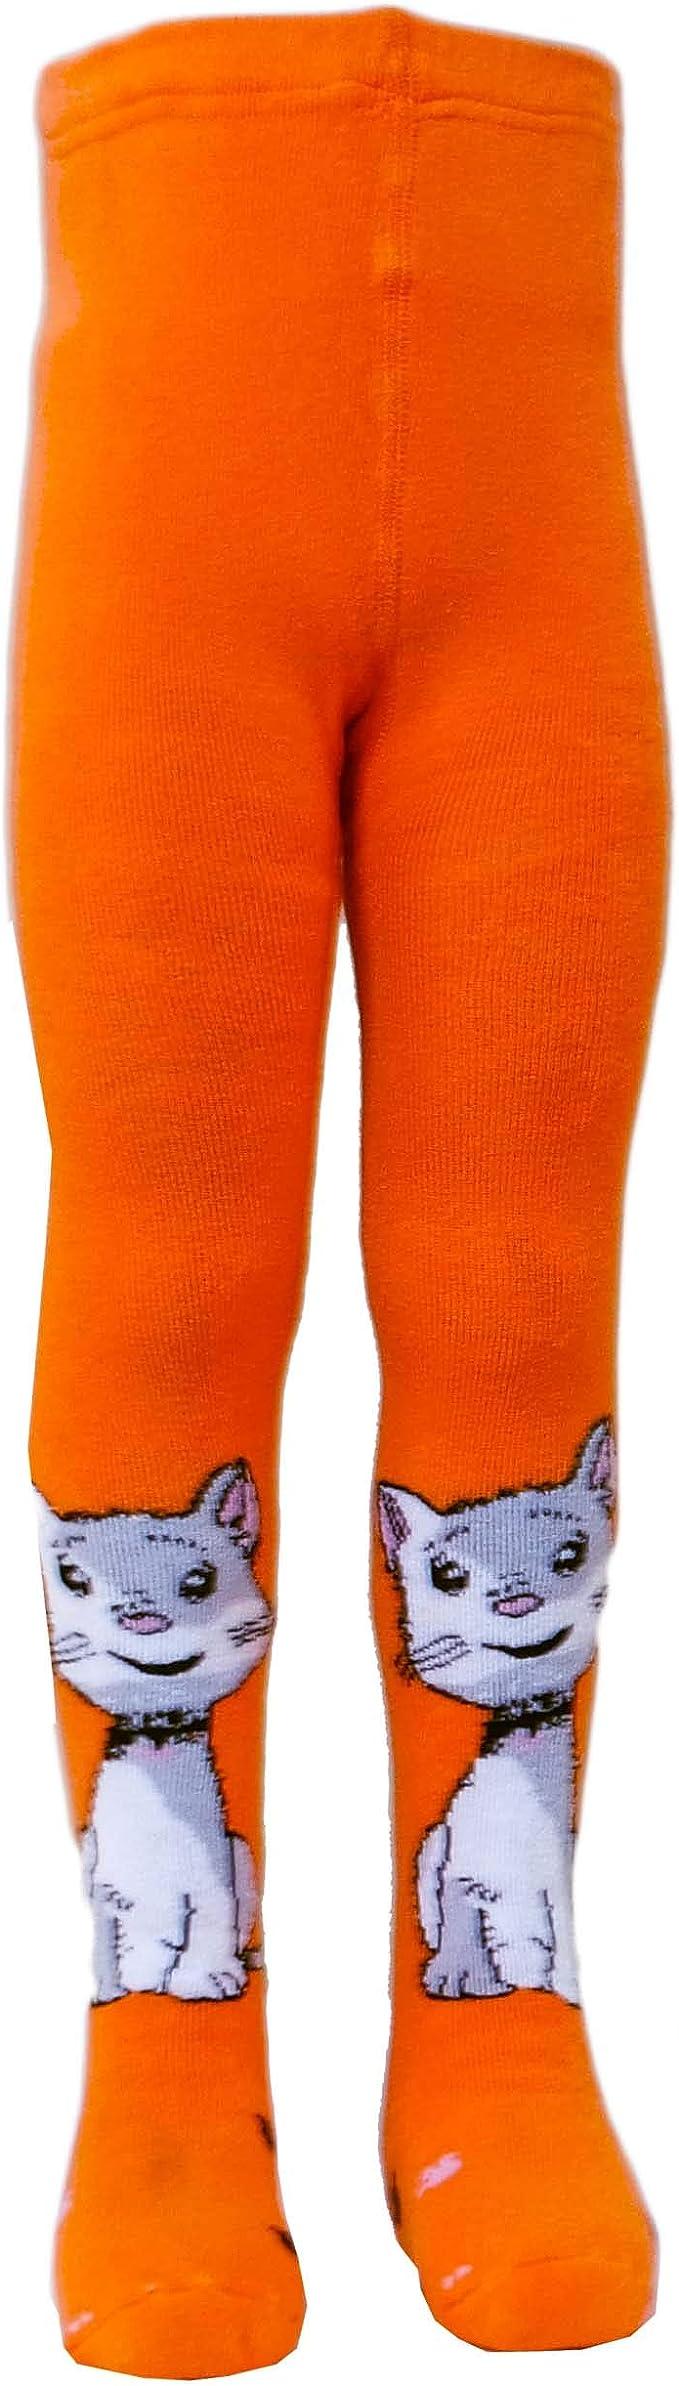 Mehrfarbig UNI Glatt No.5 UNI Glatt Made in EU Verstellbare Taille aus Gek/ämmter Baumwolle VEGATEKSA Baby und Kinder Strumpfhose f/ür M/ädchen 5er Set